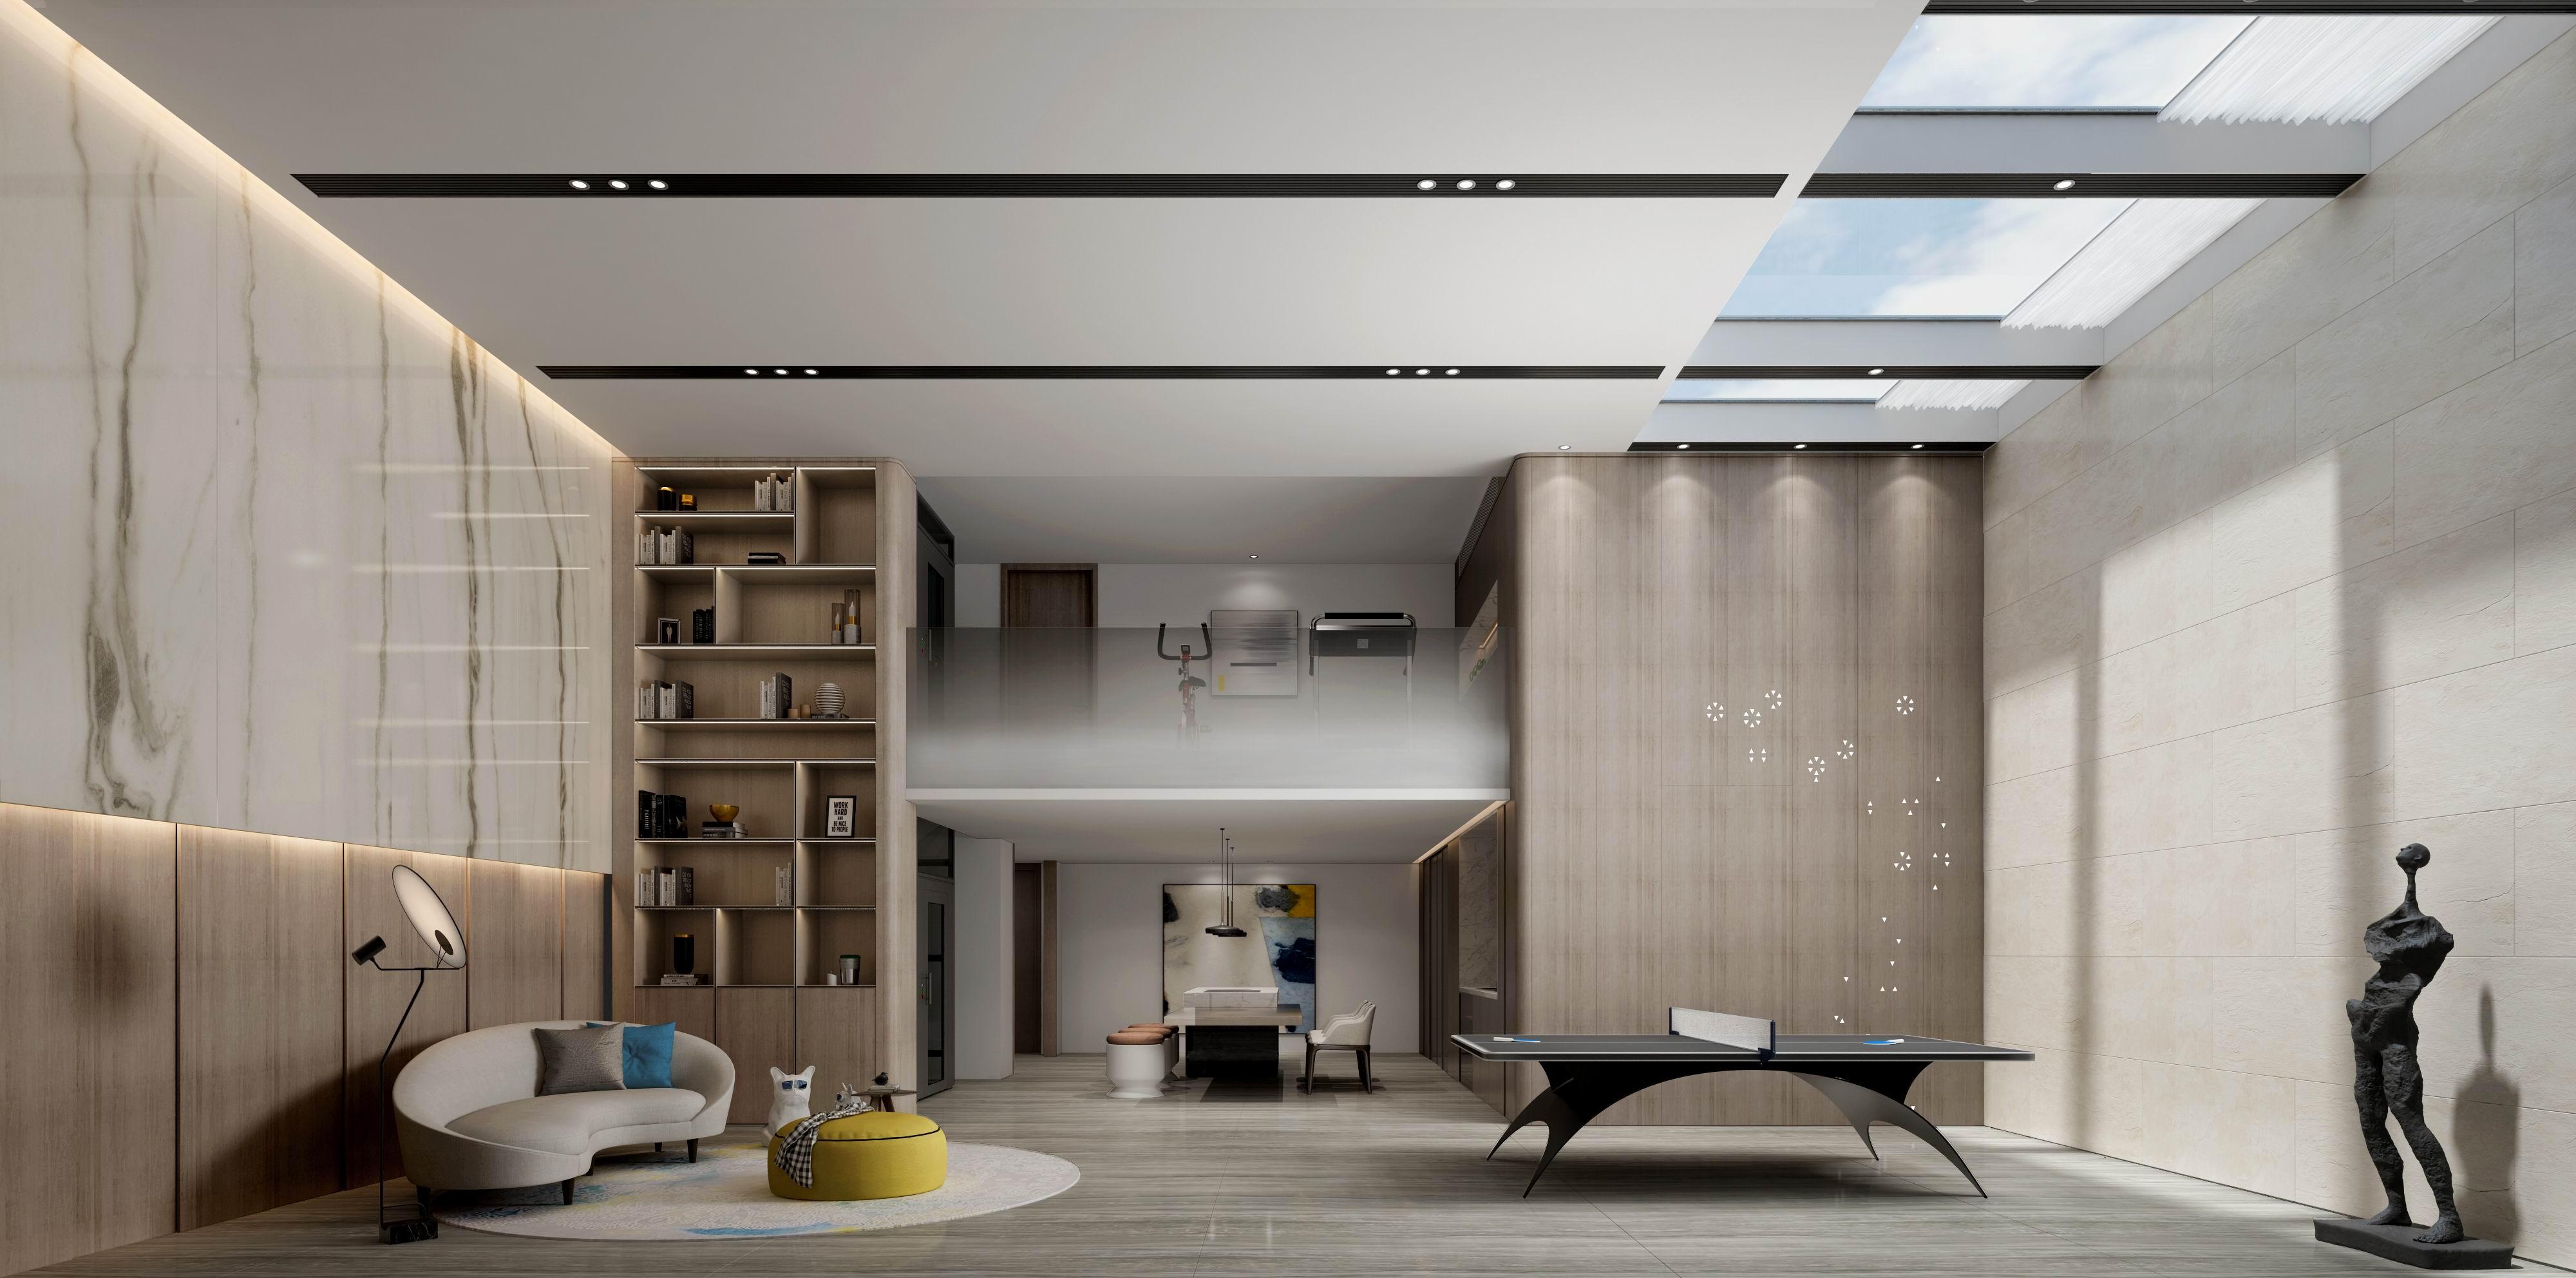 地下休闲区图片来自无锡别墅设计s在别墅528㎡阿卡迪亚现代简约案例的分享